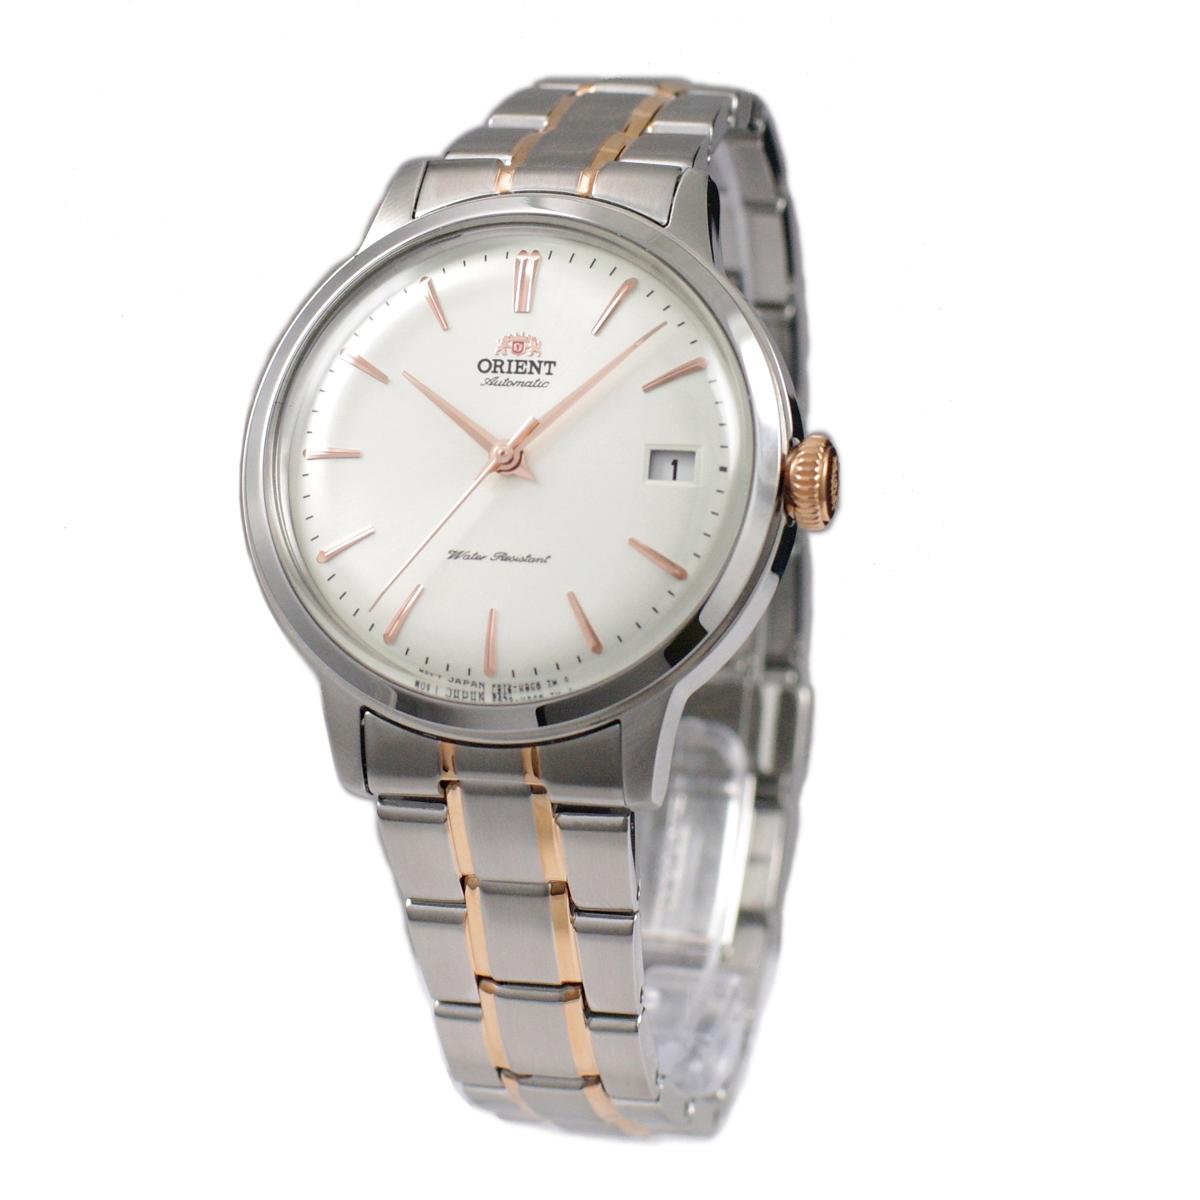 安全 AUTOMATIC ホワイト ピンクゴールド LADIES オリエント ORIENT 腕時計 自動巻き 海外モデル 逆輸入品 RA-AC0008S10B バンビーノ レディース 手巻付き 店